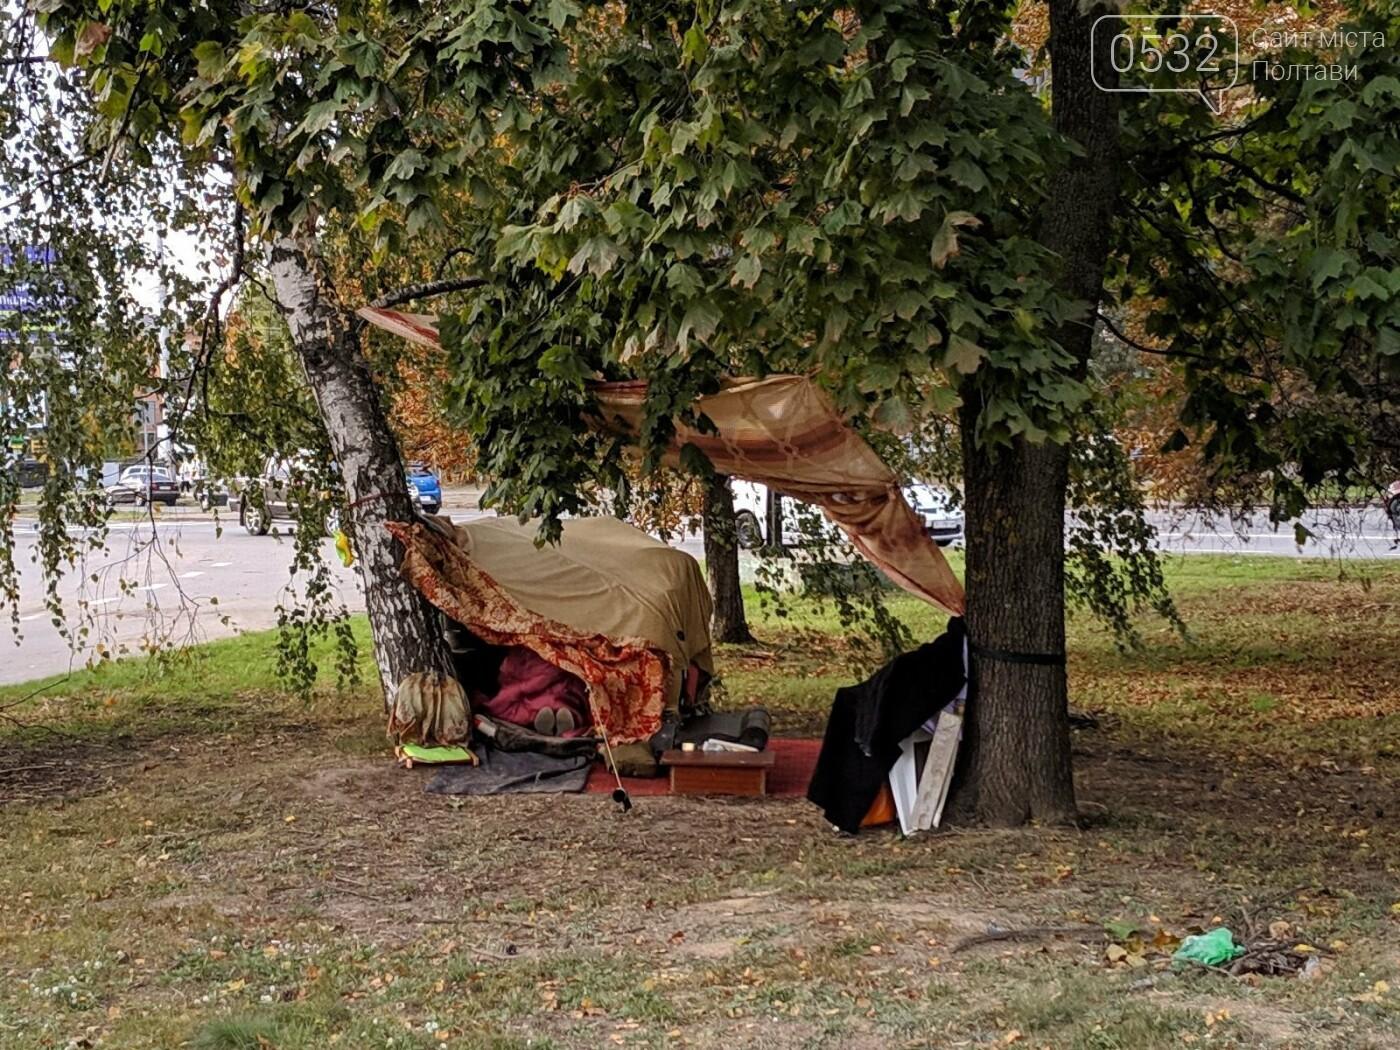 """У Полтаві безпритульна  будує нову """"дачу"""" біля дороги та чекає на квартиру від міської влади (ФОТО, ВІДЕО), фото-3"""